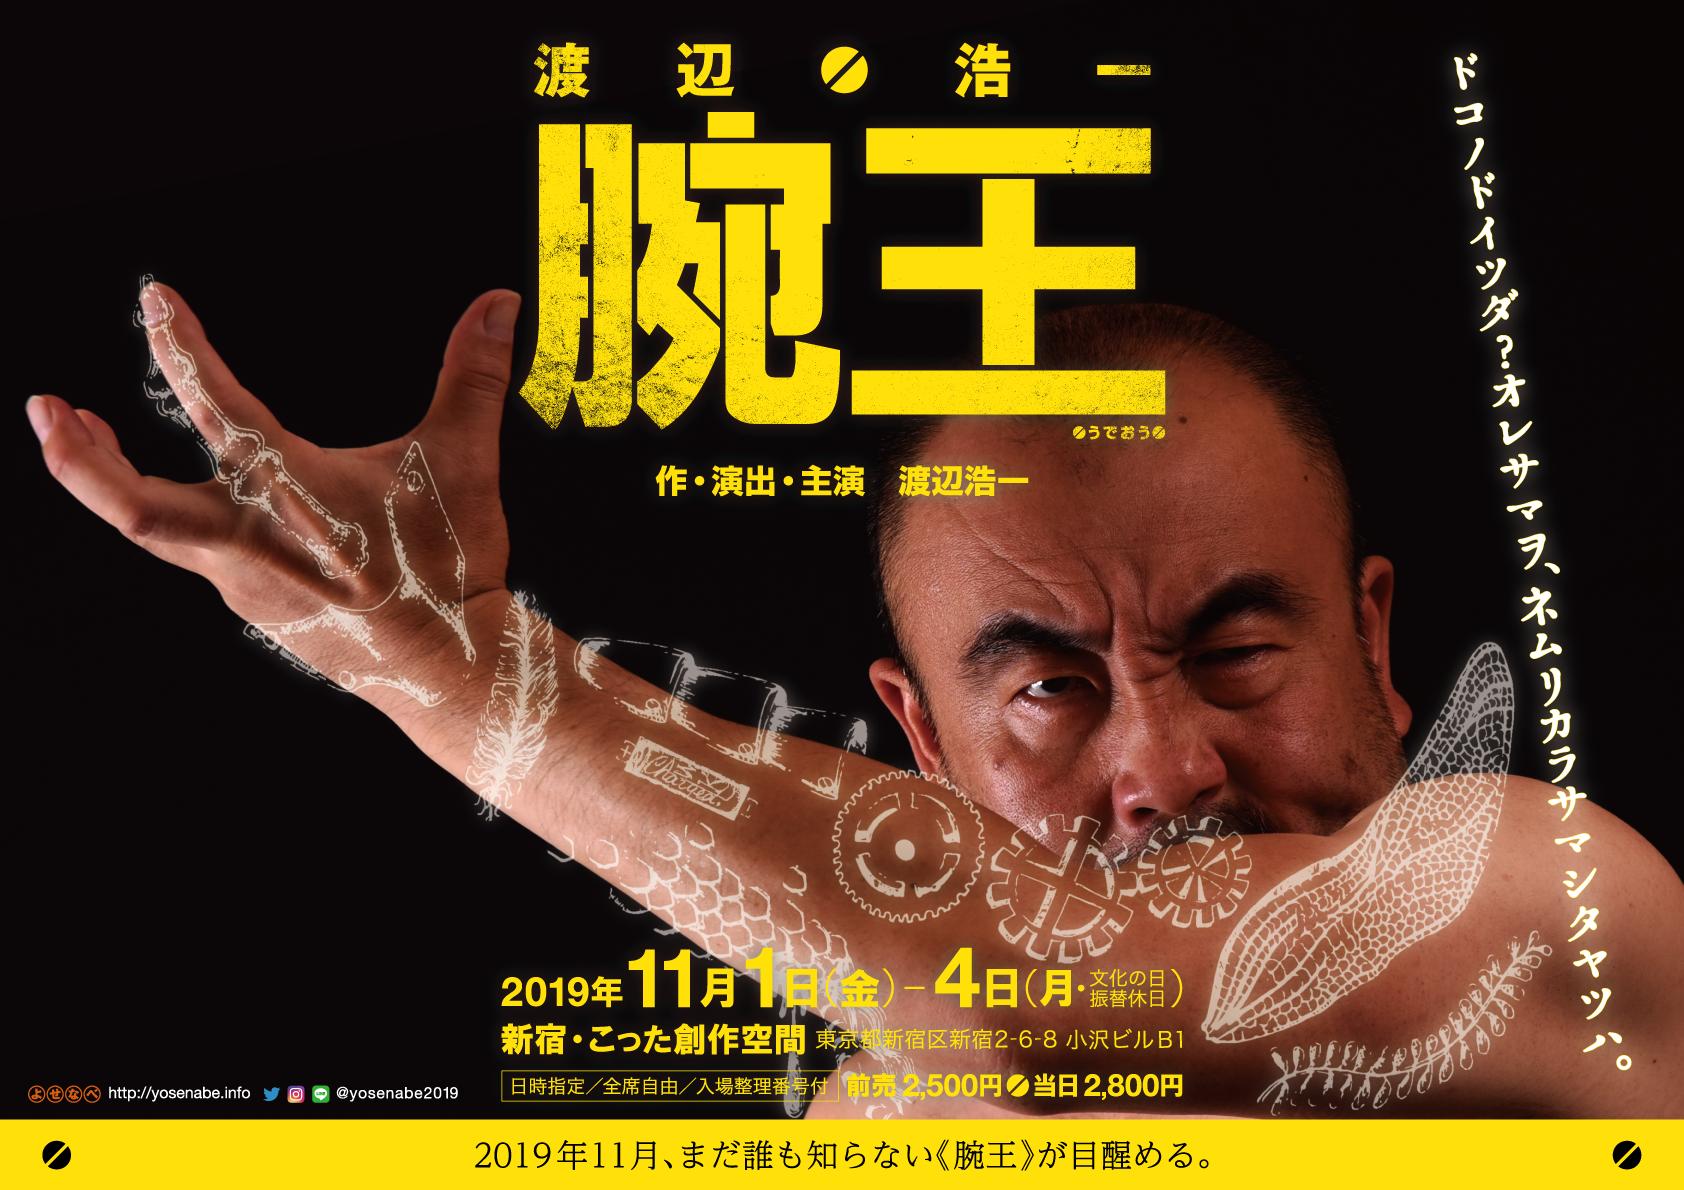 渡辺浩一『腕王』A4サイズチラシ表面